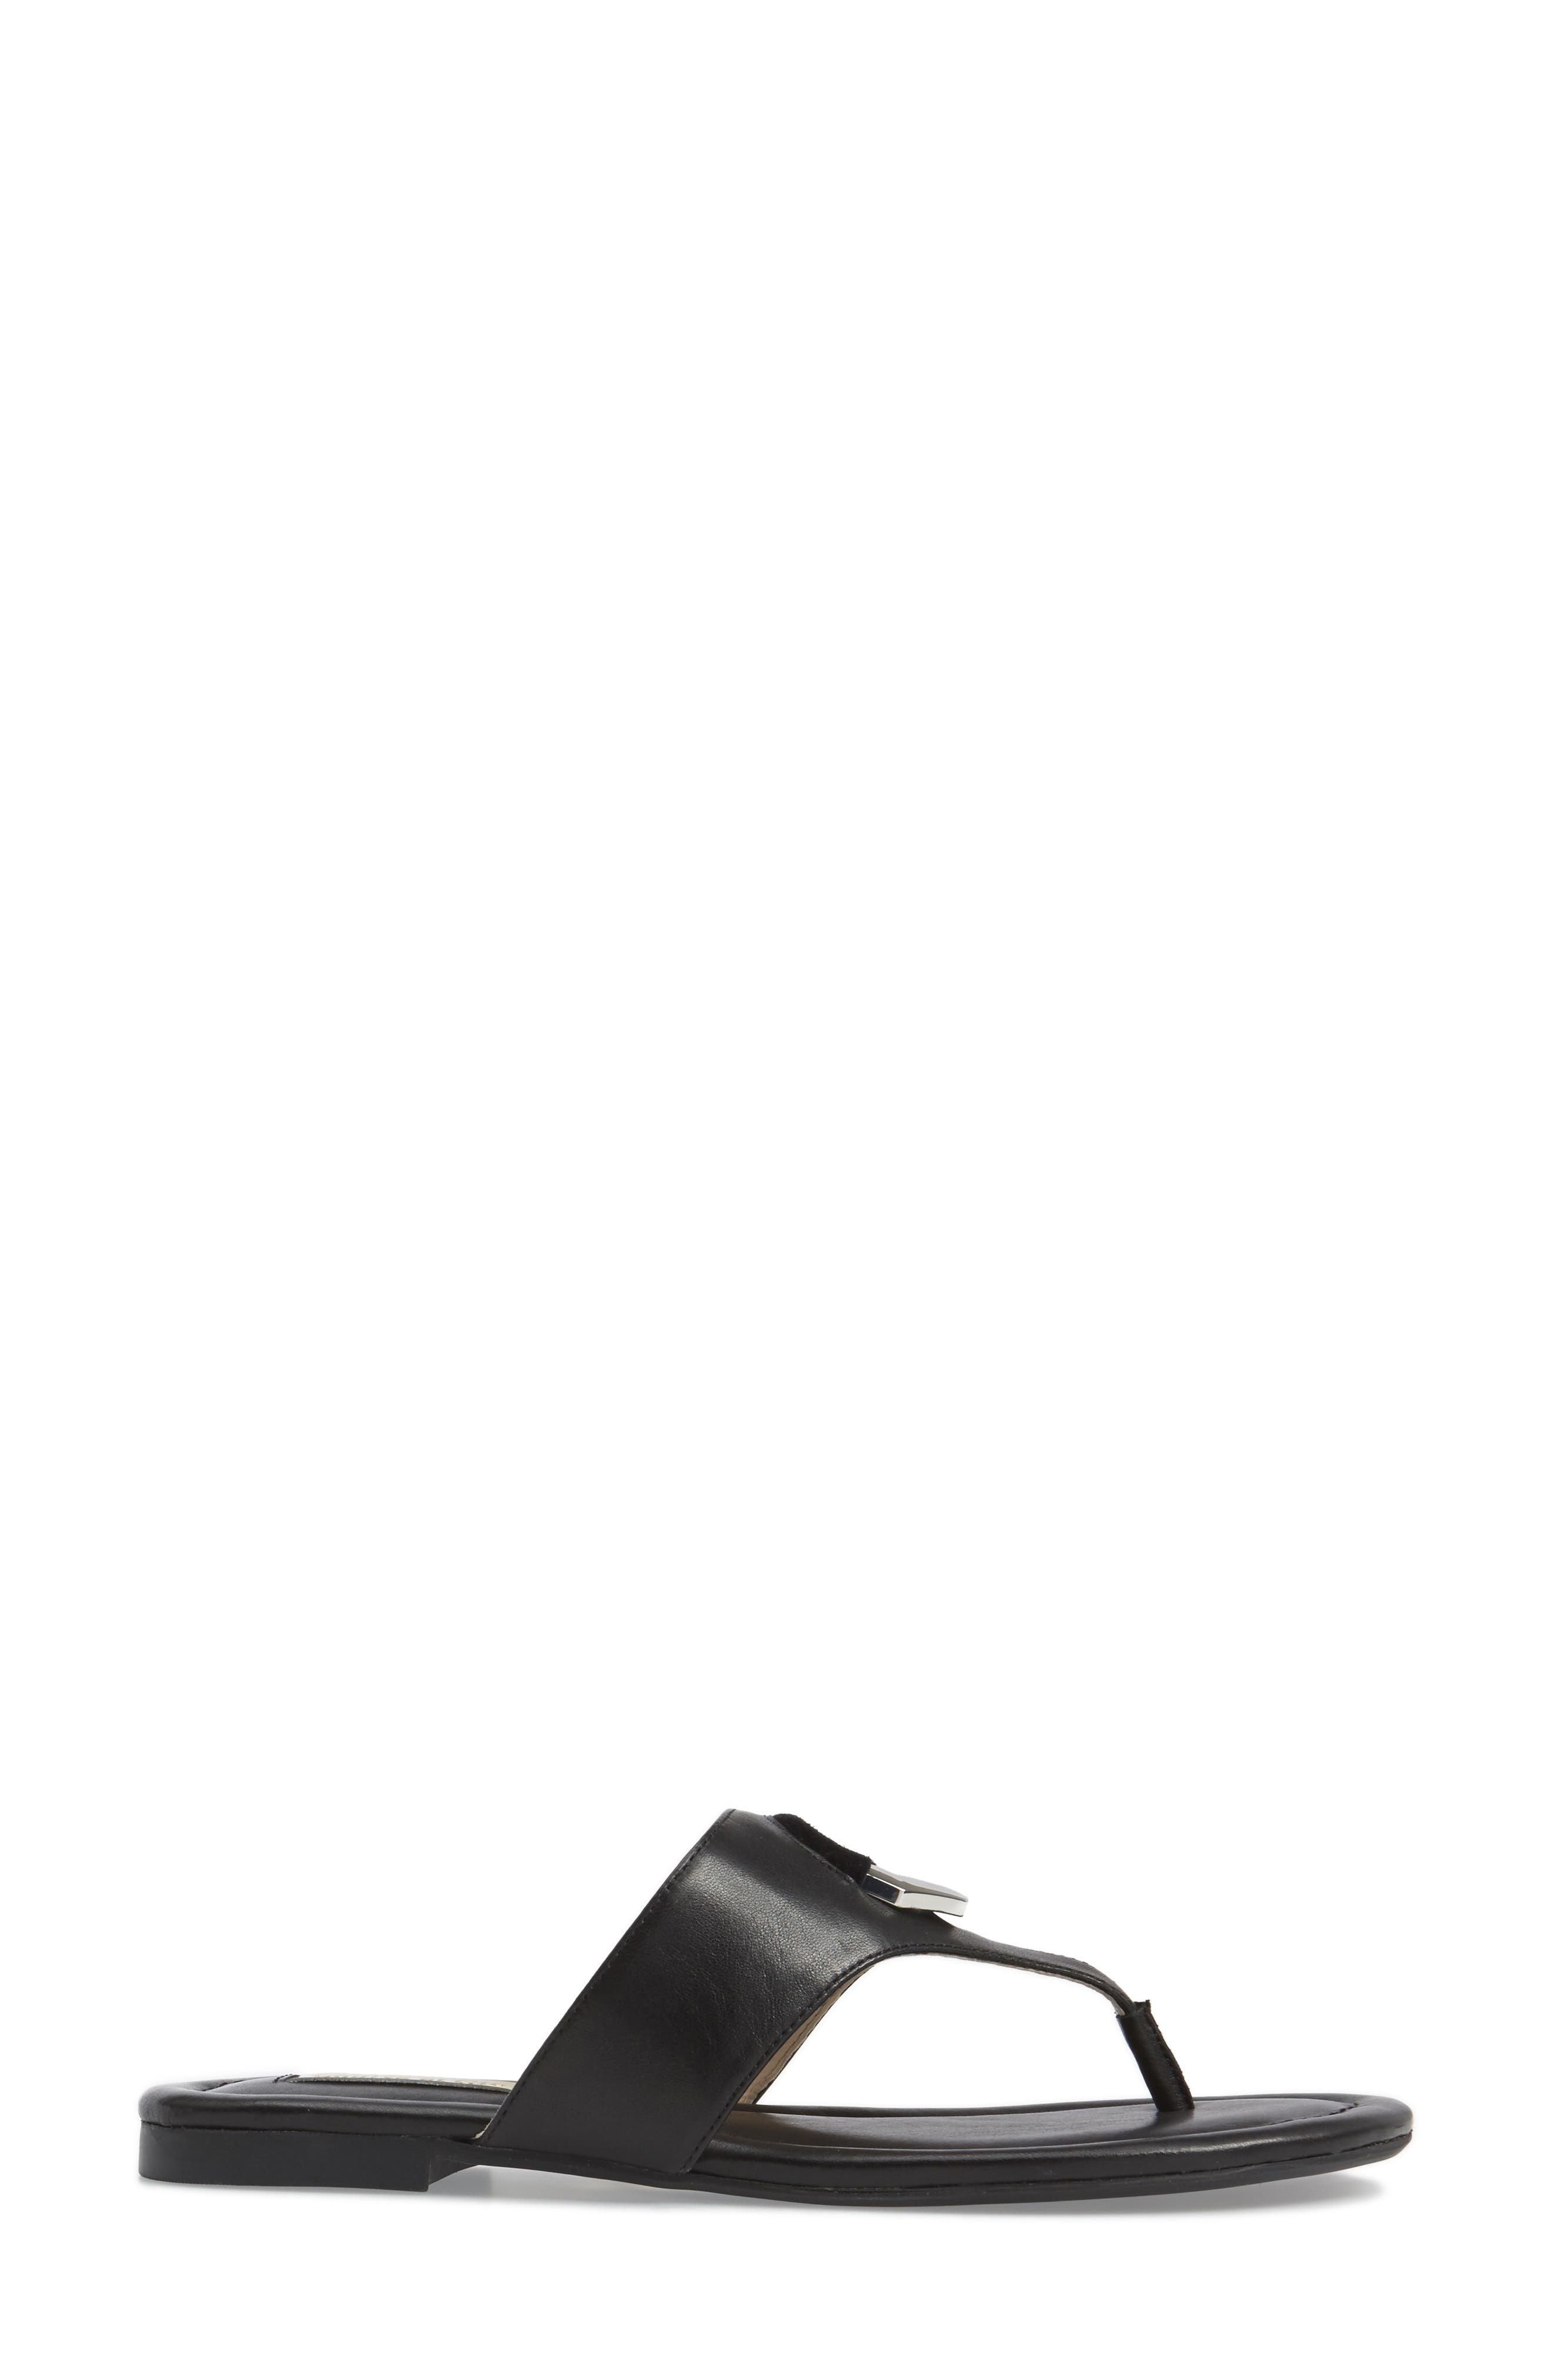 Adana Flip Flop,                             Alternate thumbnail 3, color,                             002